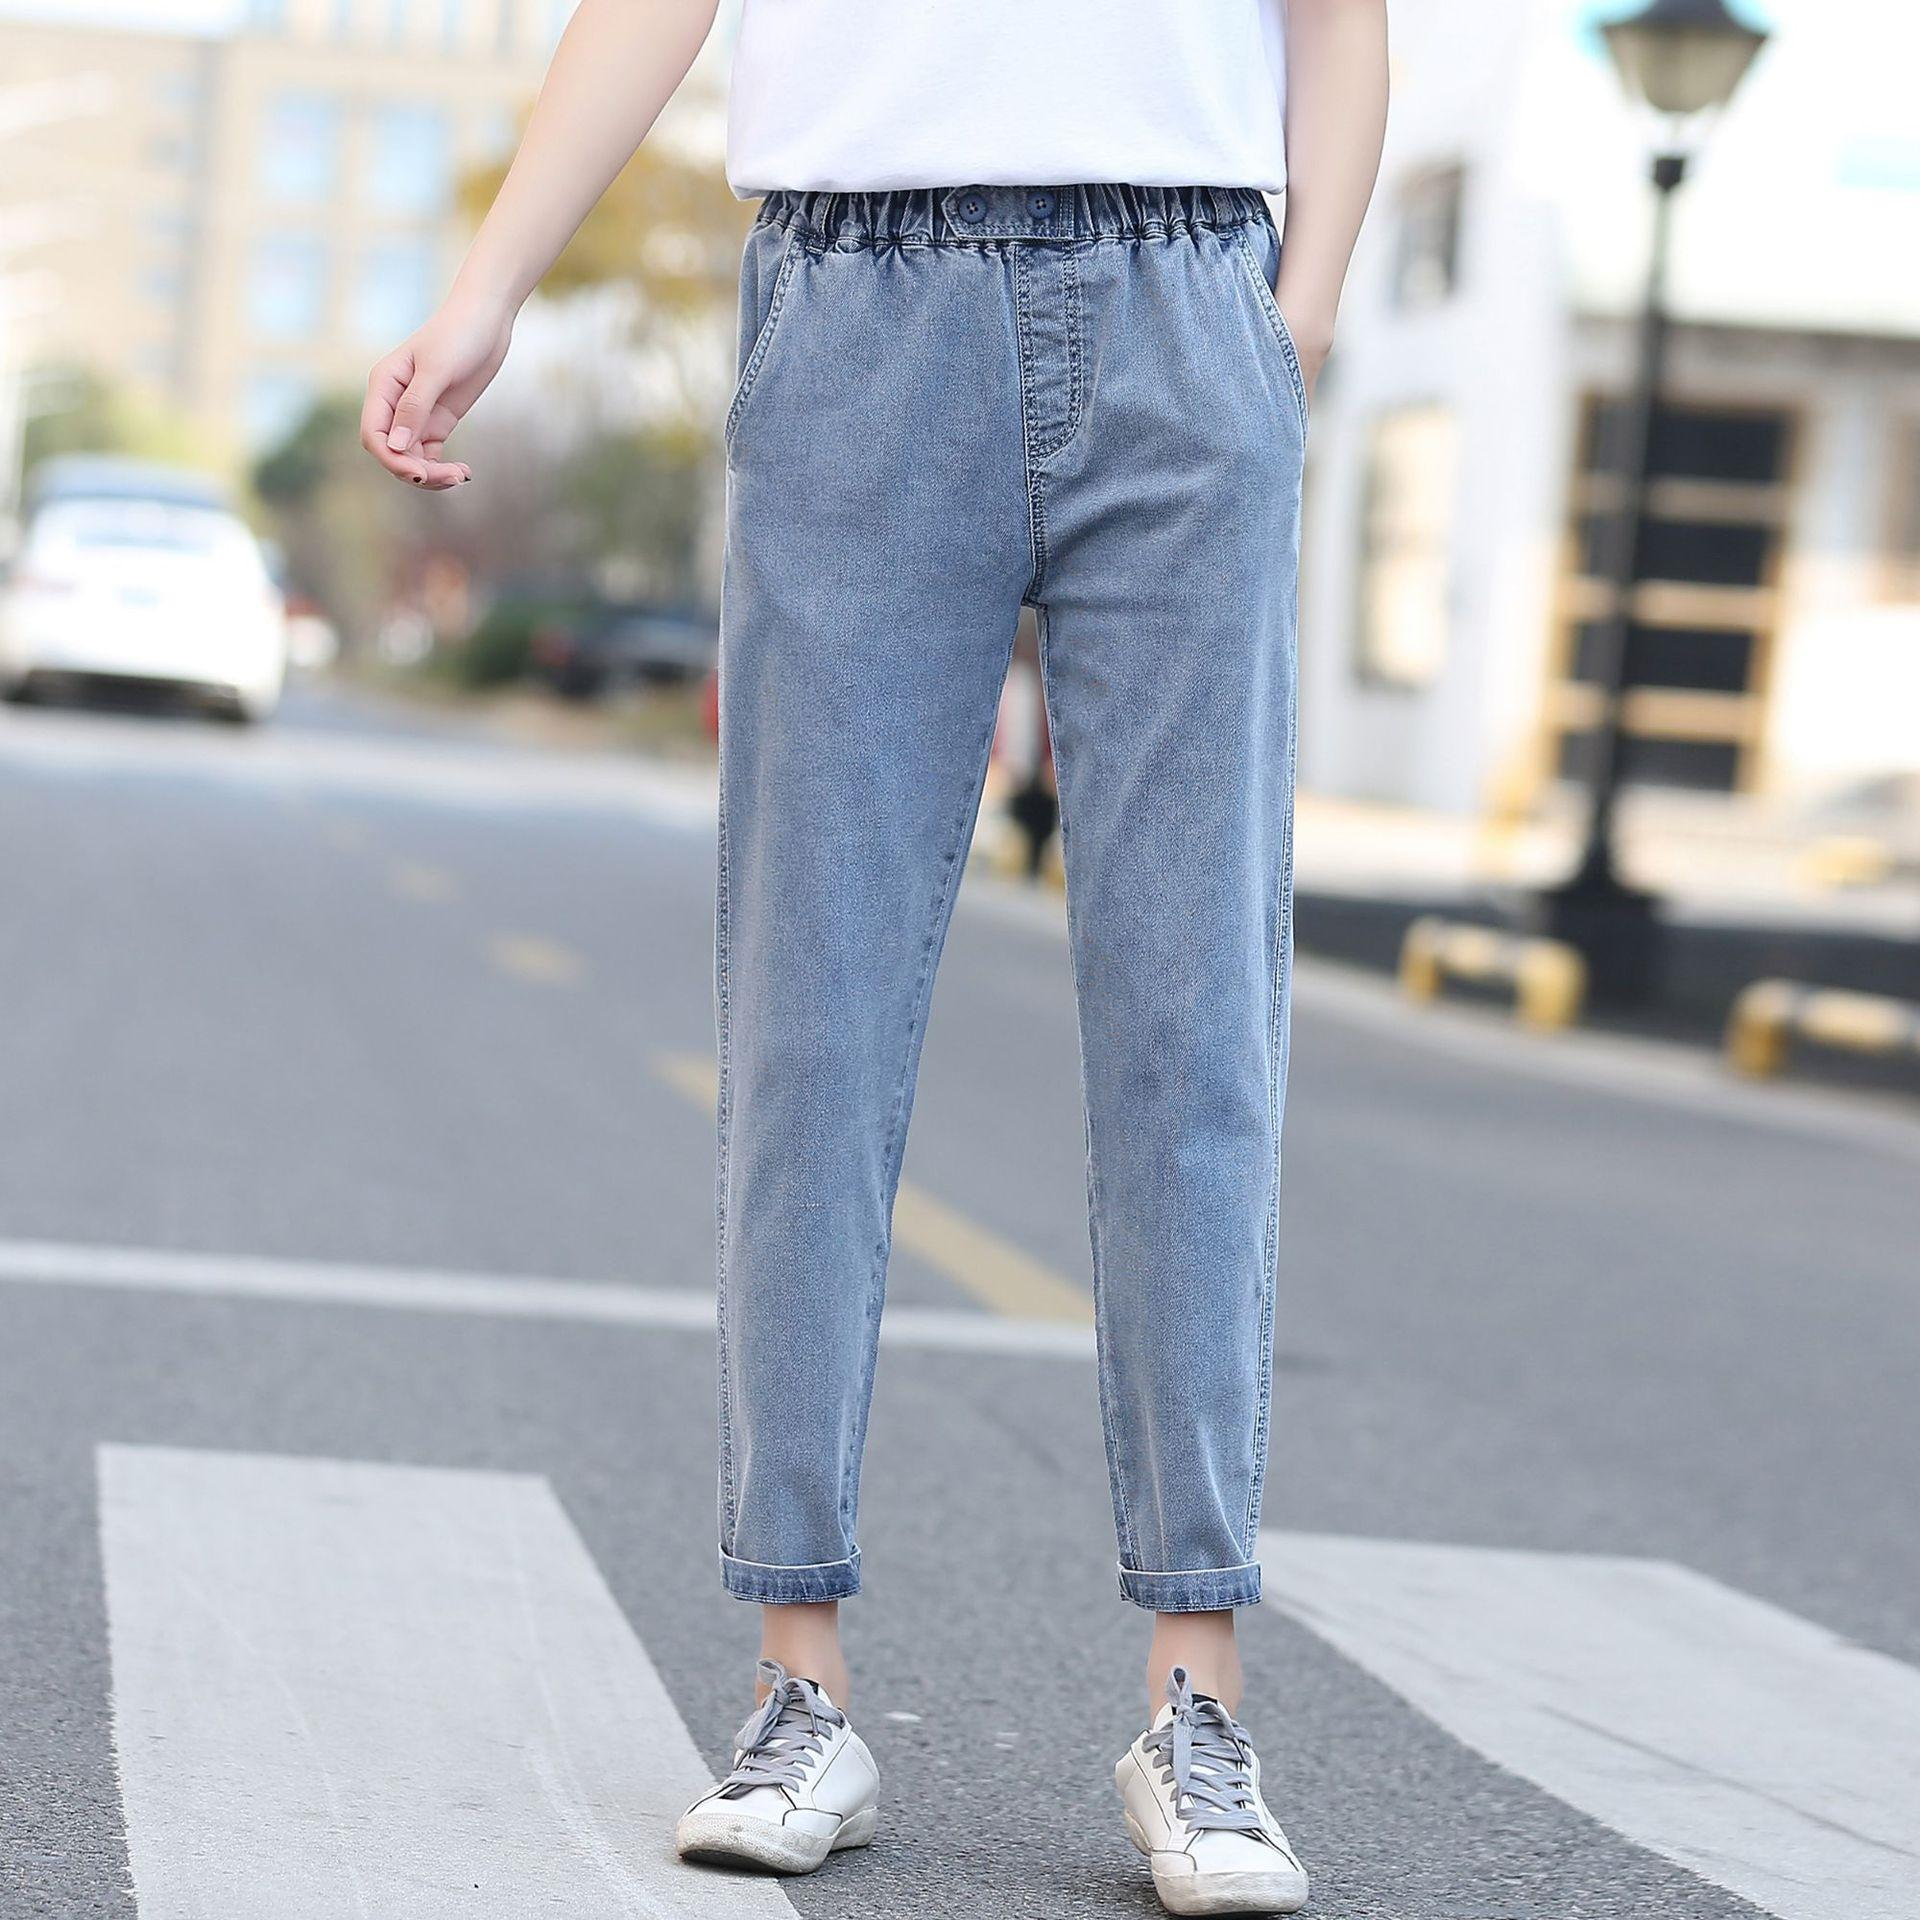 roupas ja9jD bQMEr gordura leggings apertado apertados New coreano calças estilo 200kg MM emagrecimento denim harém calças casuais da Primavera, mais mulheres do tamanho 7717